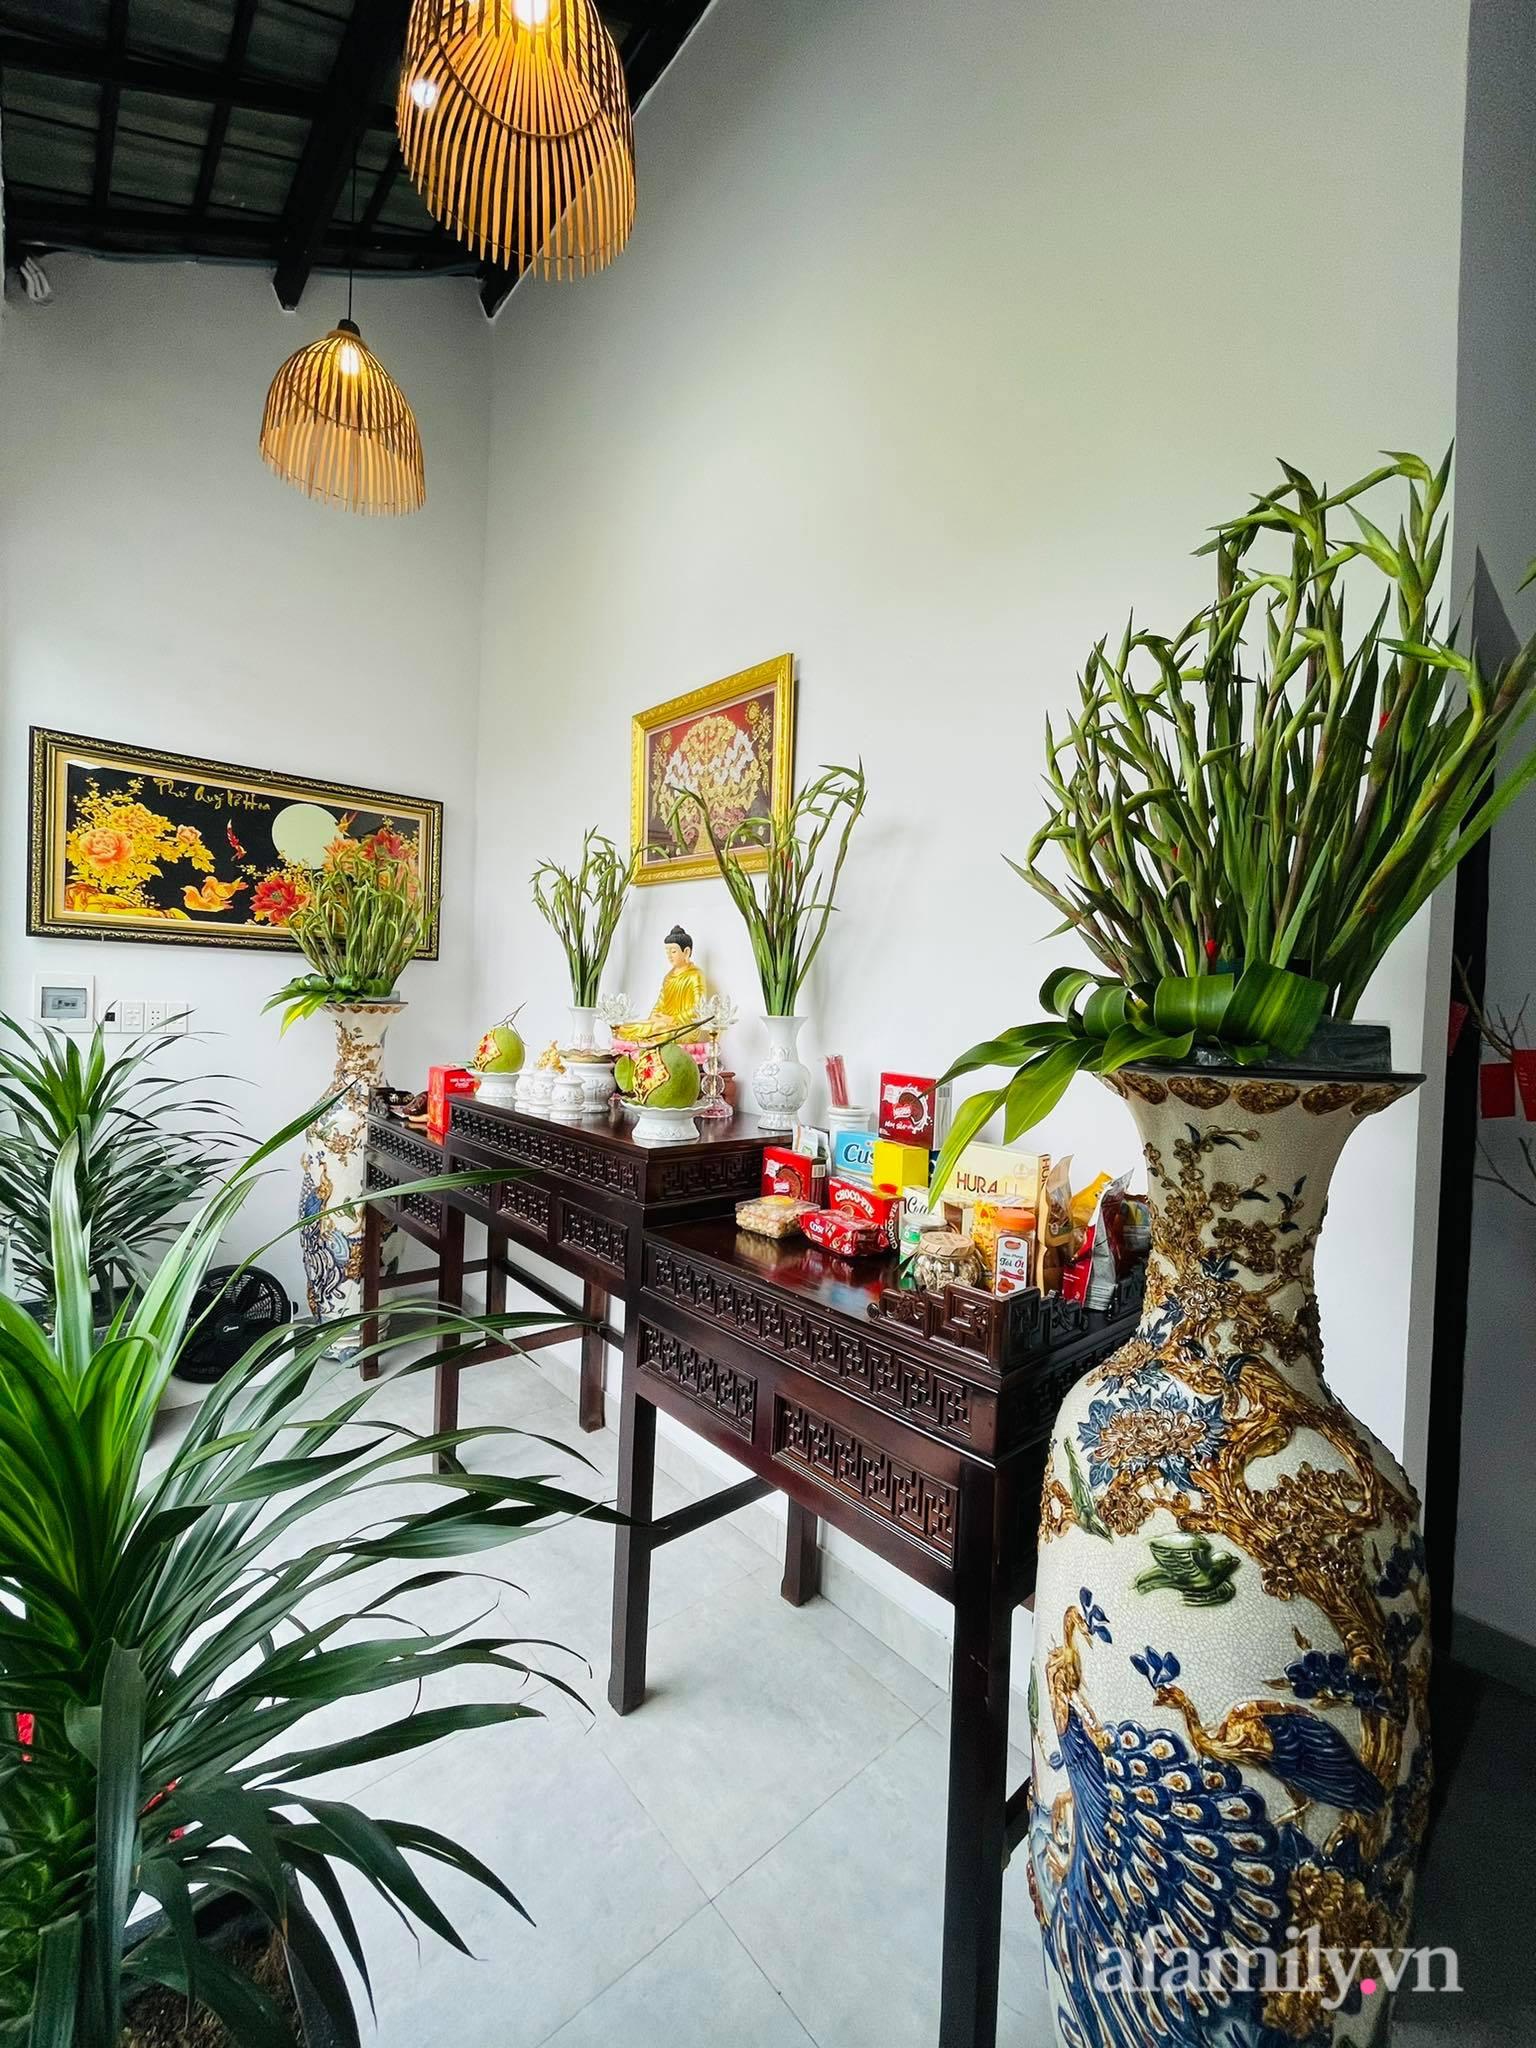 Hành trình rời phố về quê trồng rau nuôi gà, sống trong căn nhà vườn đẹp như tranh vẽ của chàng trai 25 tuổi ở Tây Ninh - Ảnh 30.